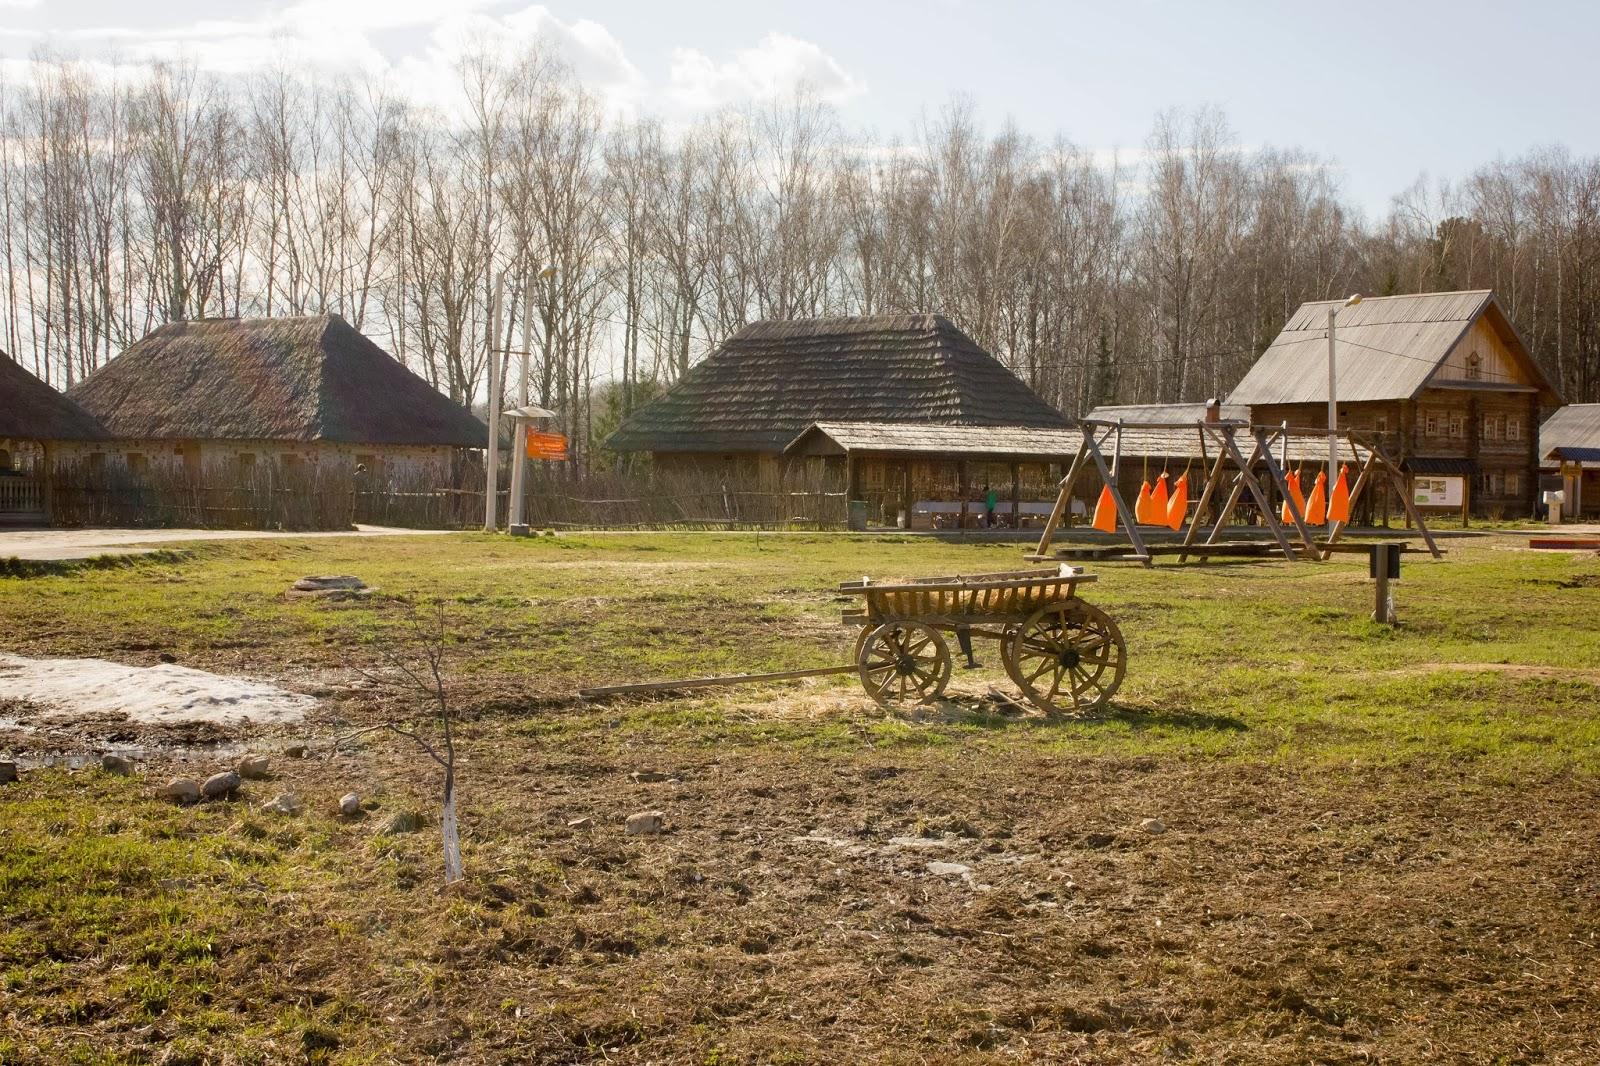 Калуга, Калужская область, Этномир, Украинский хутор